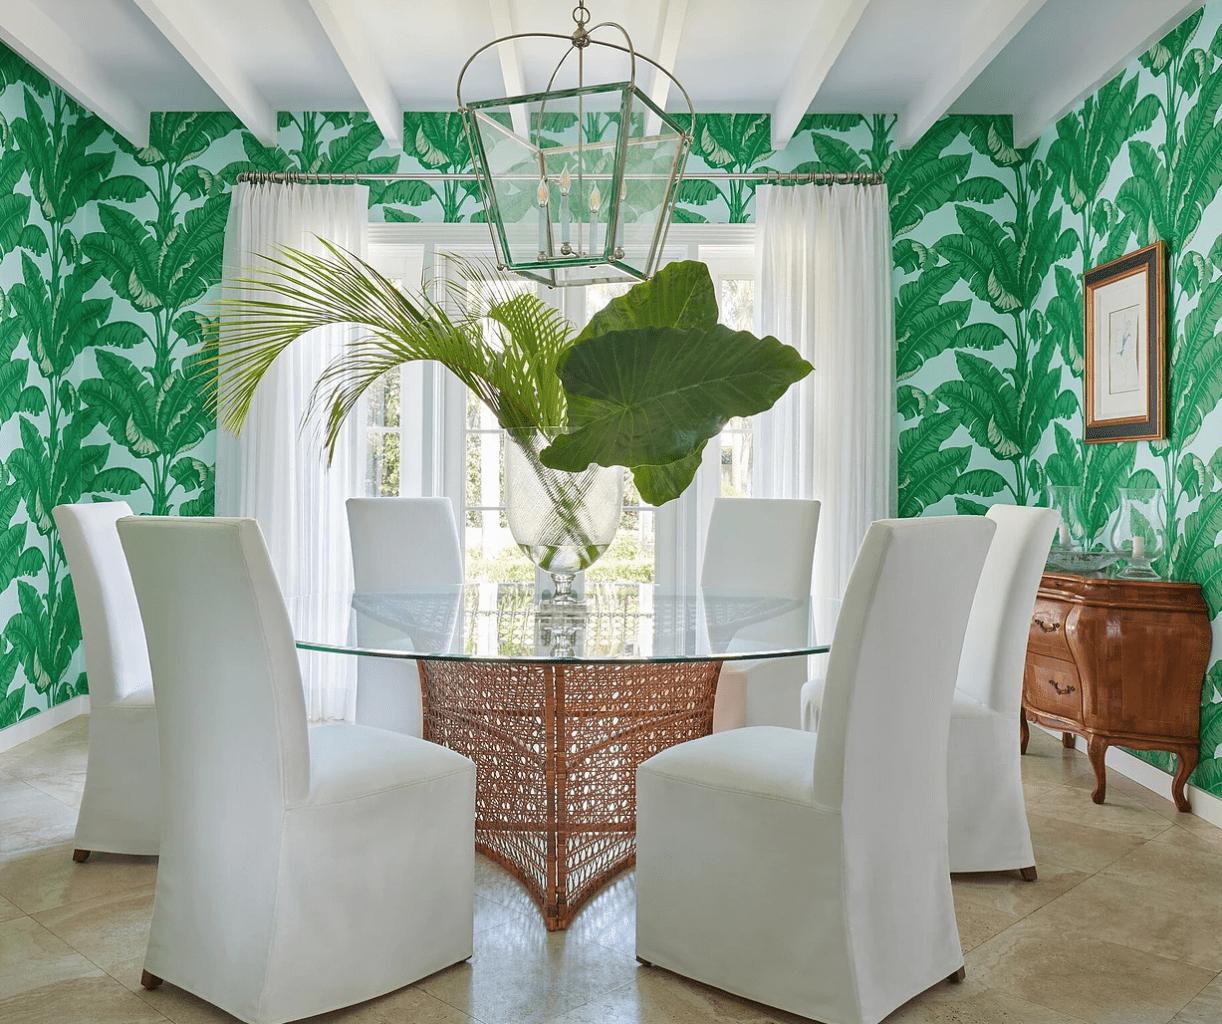 Ellen-kavanaugh-palm-frond-wallpaper-palm-beach-chic